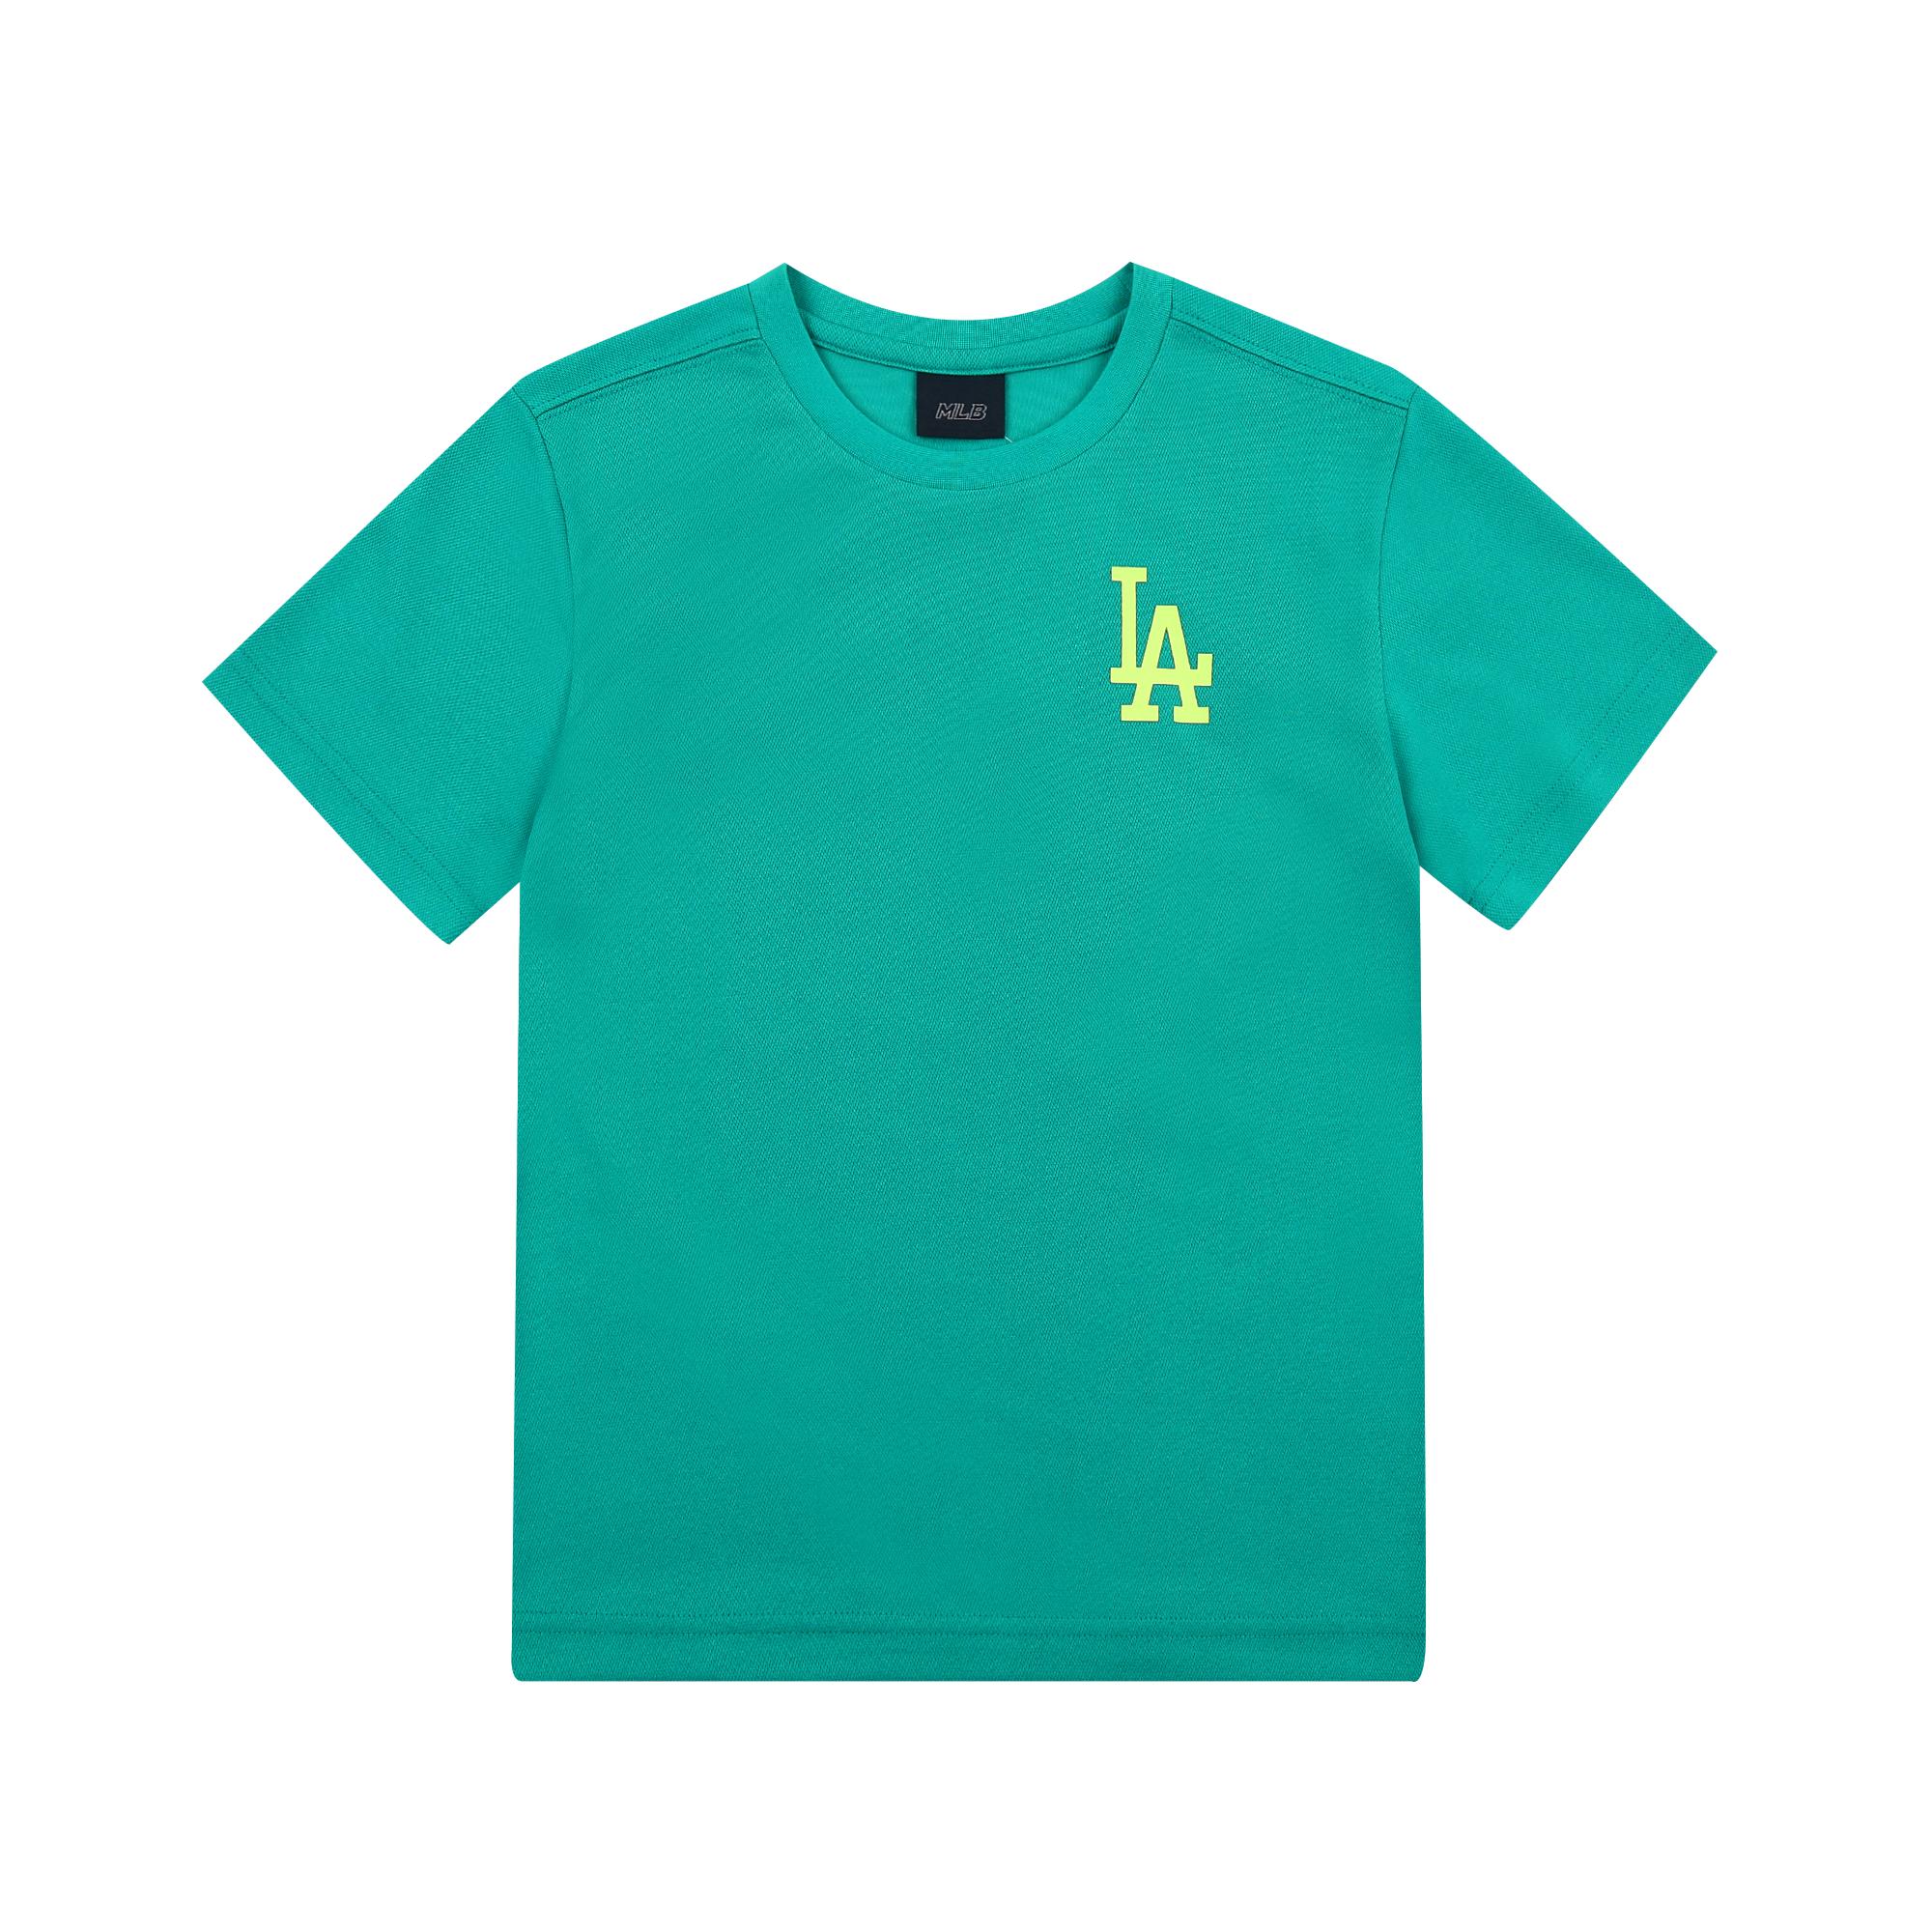 패밀리 등판 메가로고 티셔츠 LA다저스